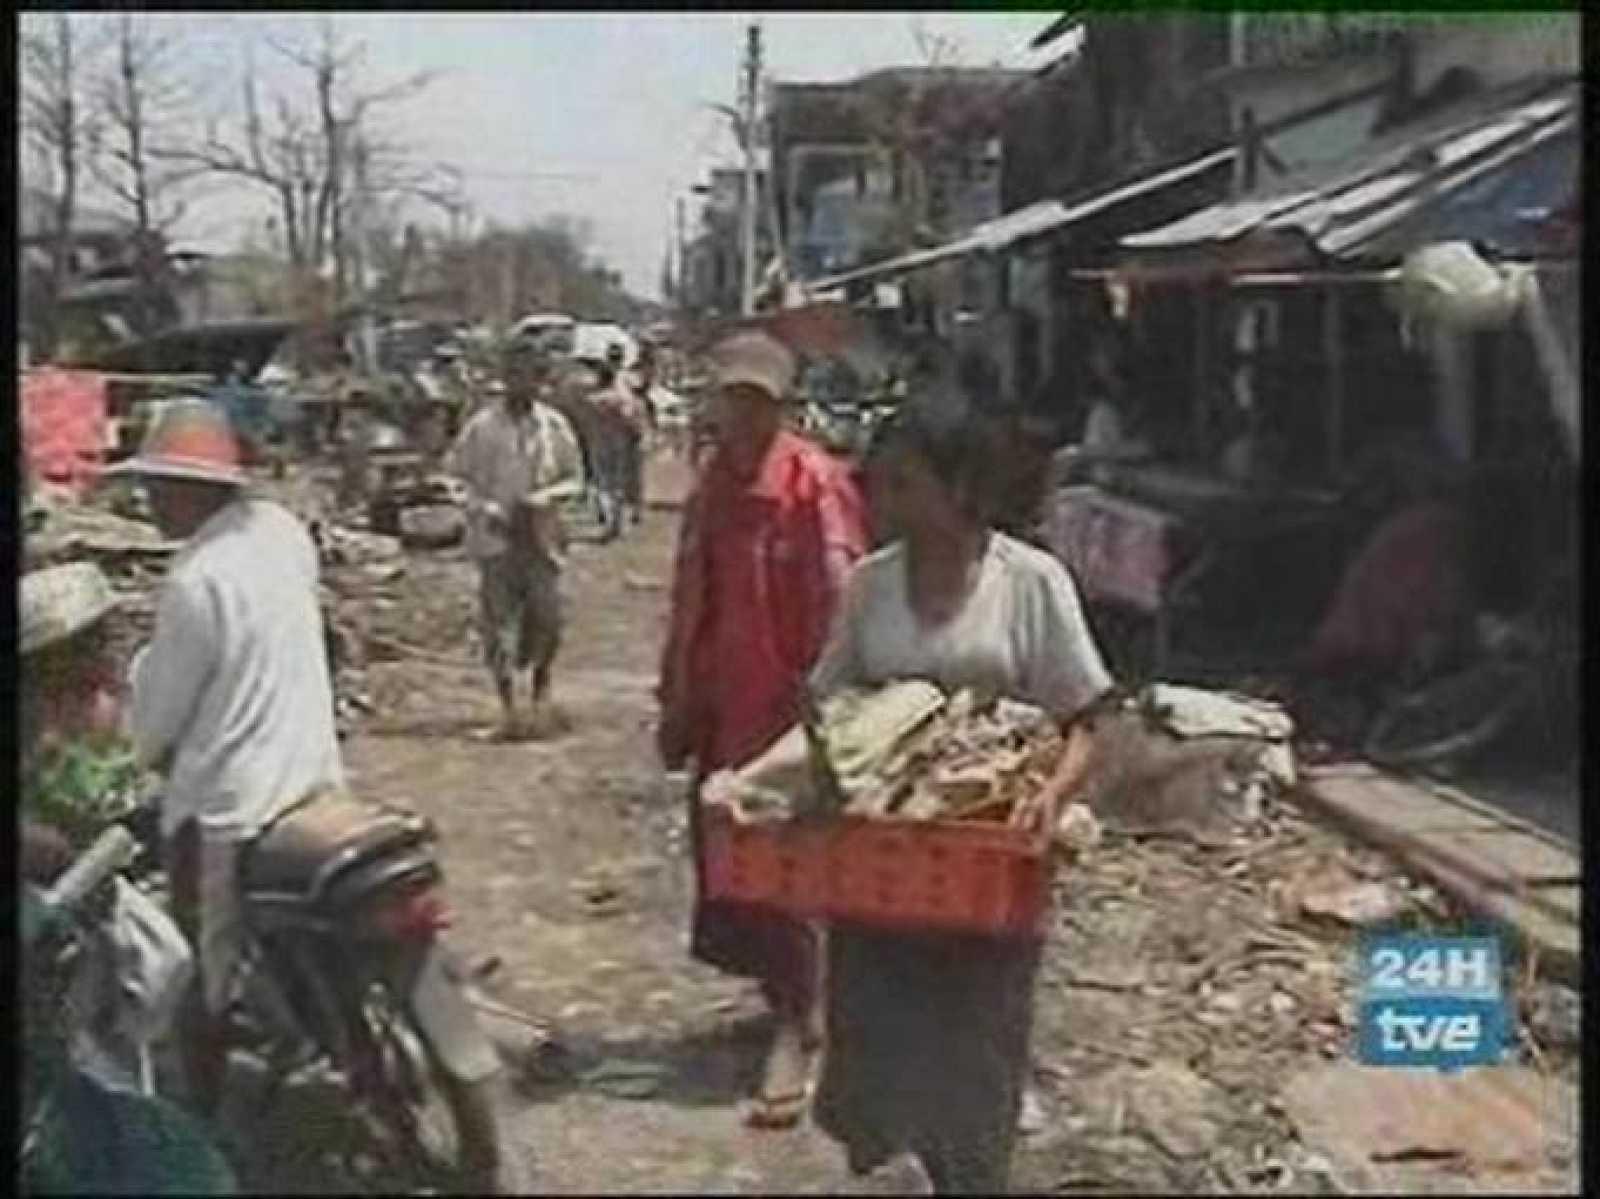 Termina sin incidentes la votación del referéndum propuesto por la Junta Militar en Birmania